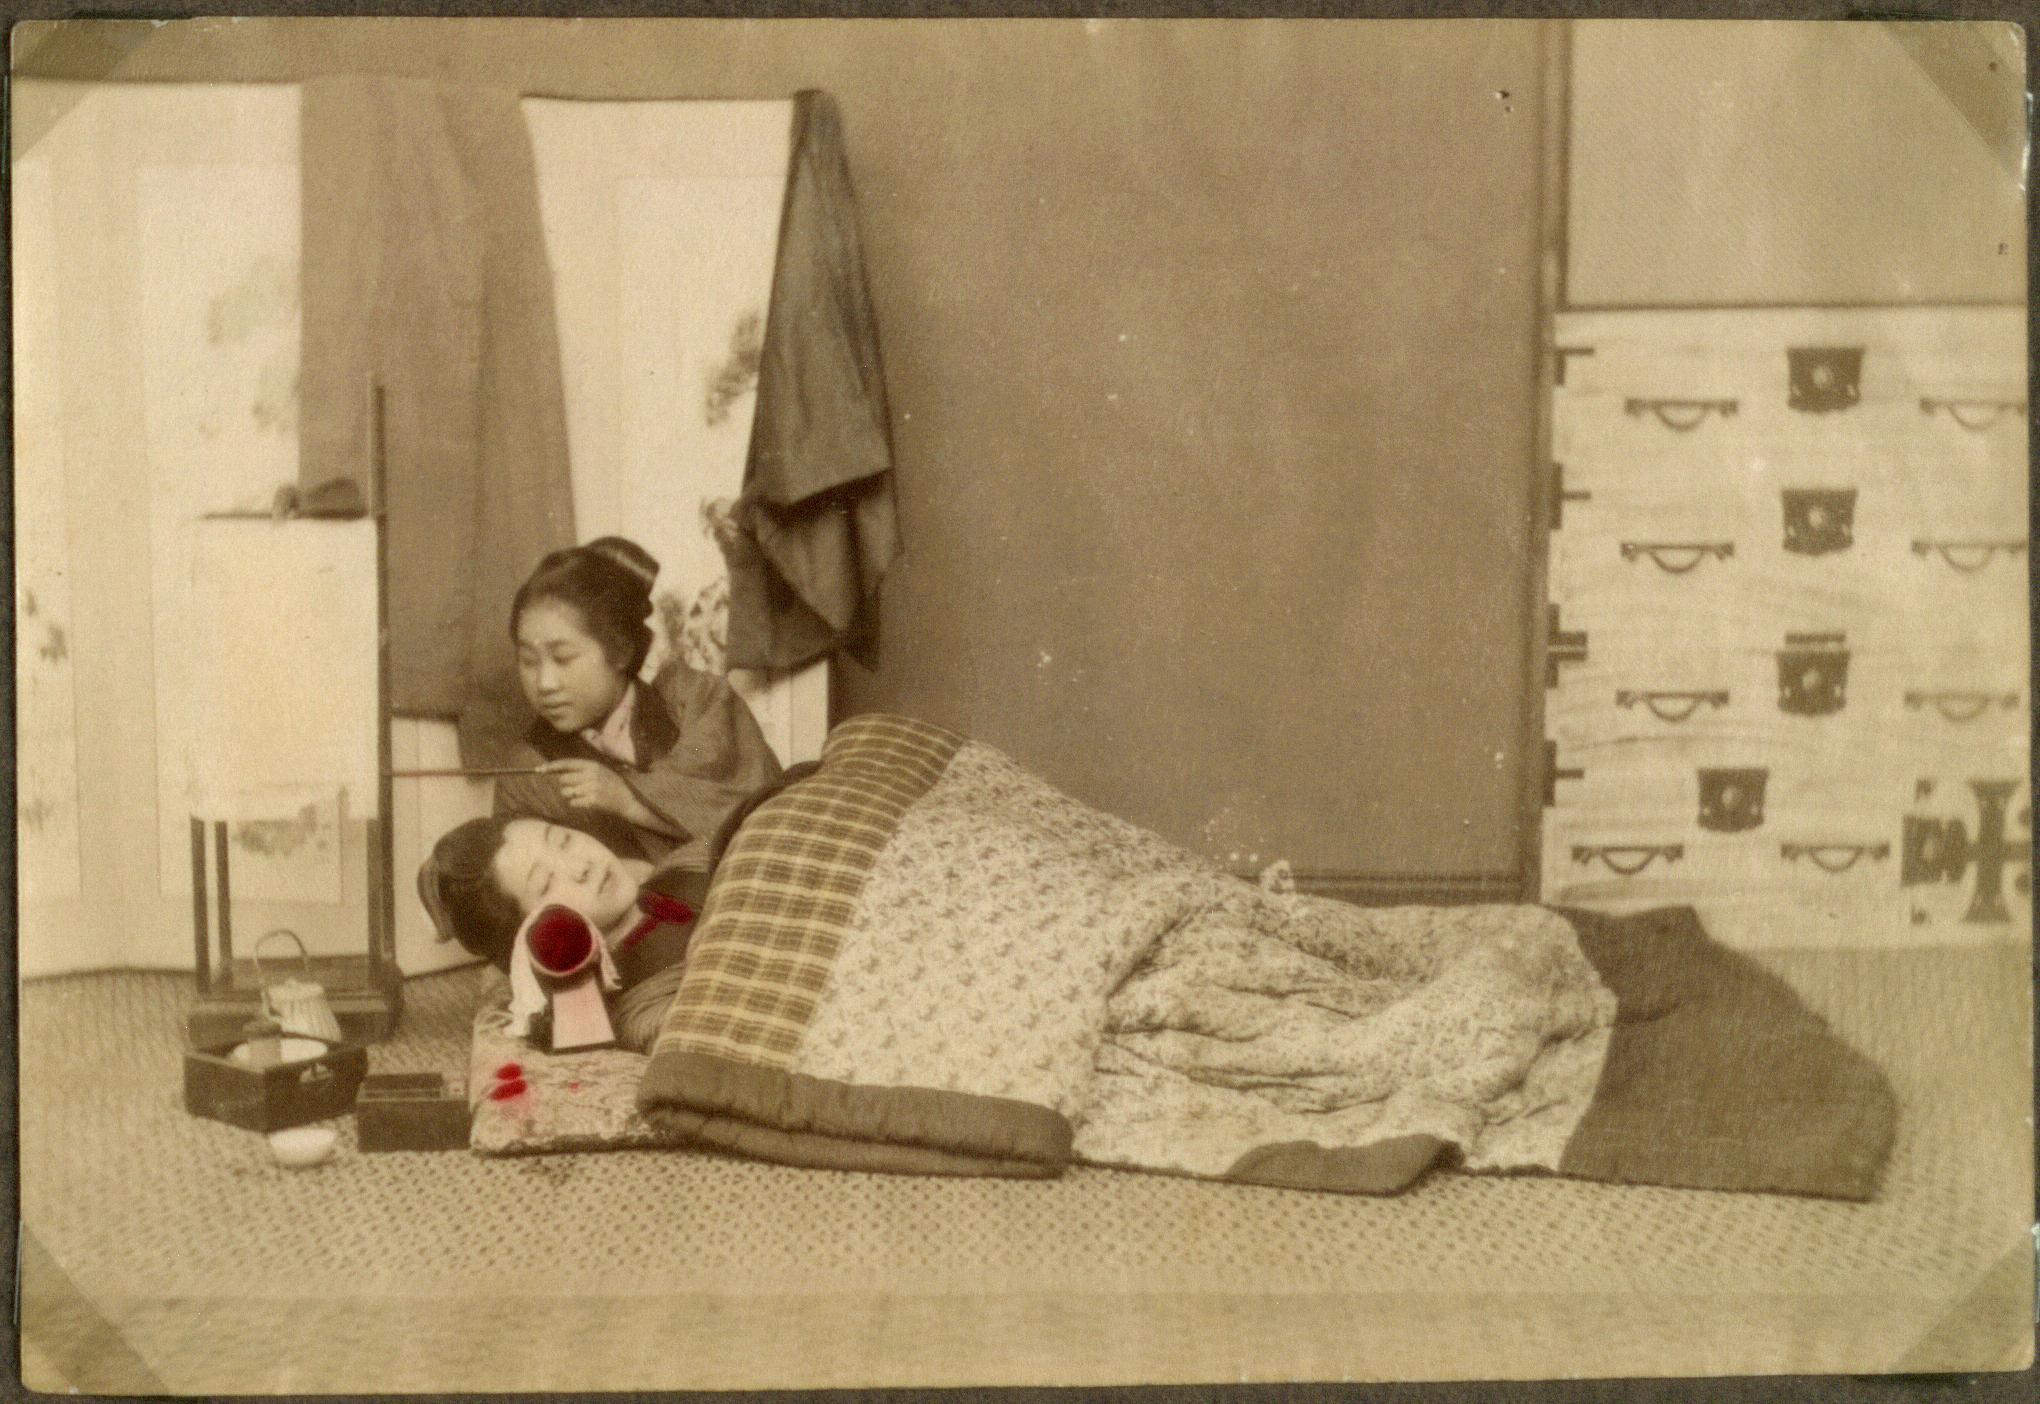 https commons wikimedia org wiki file makura e2 80 9dthe wooden pillow e2 80 9d two women lying in the e2 80 9dbed e2 80 9d japan 10797049673 jpg